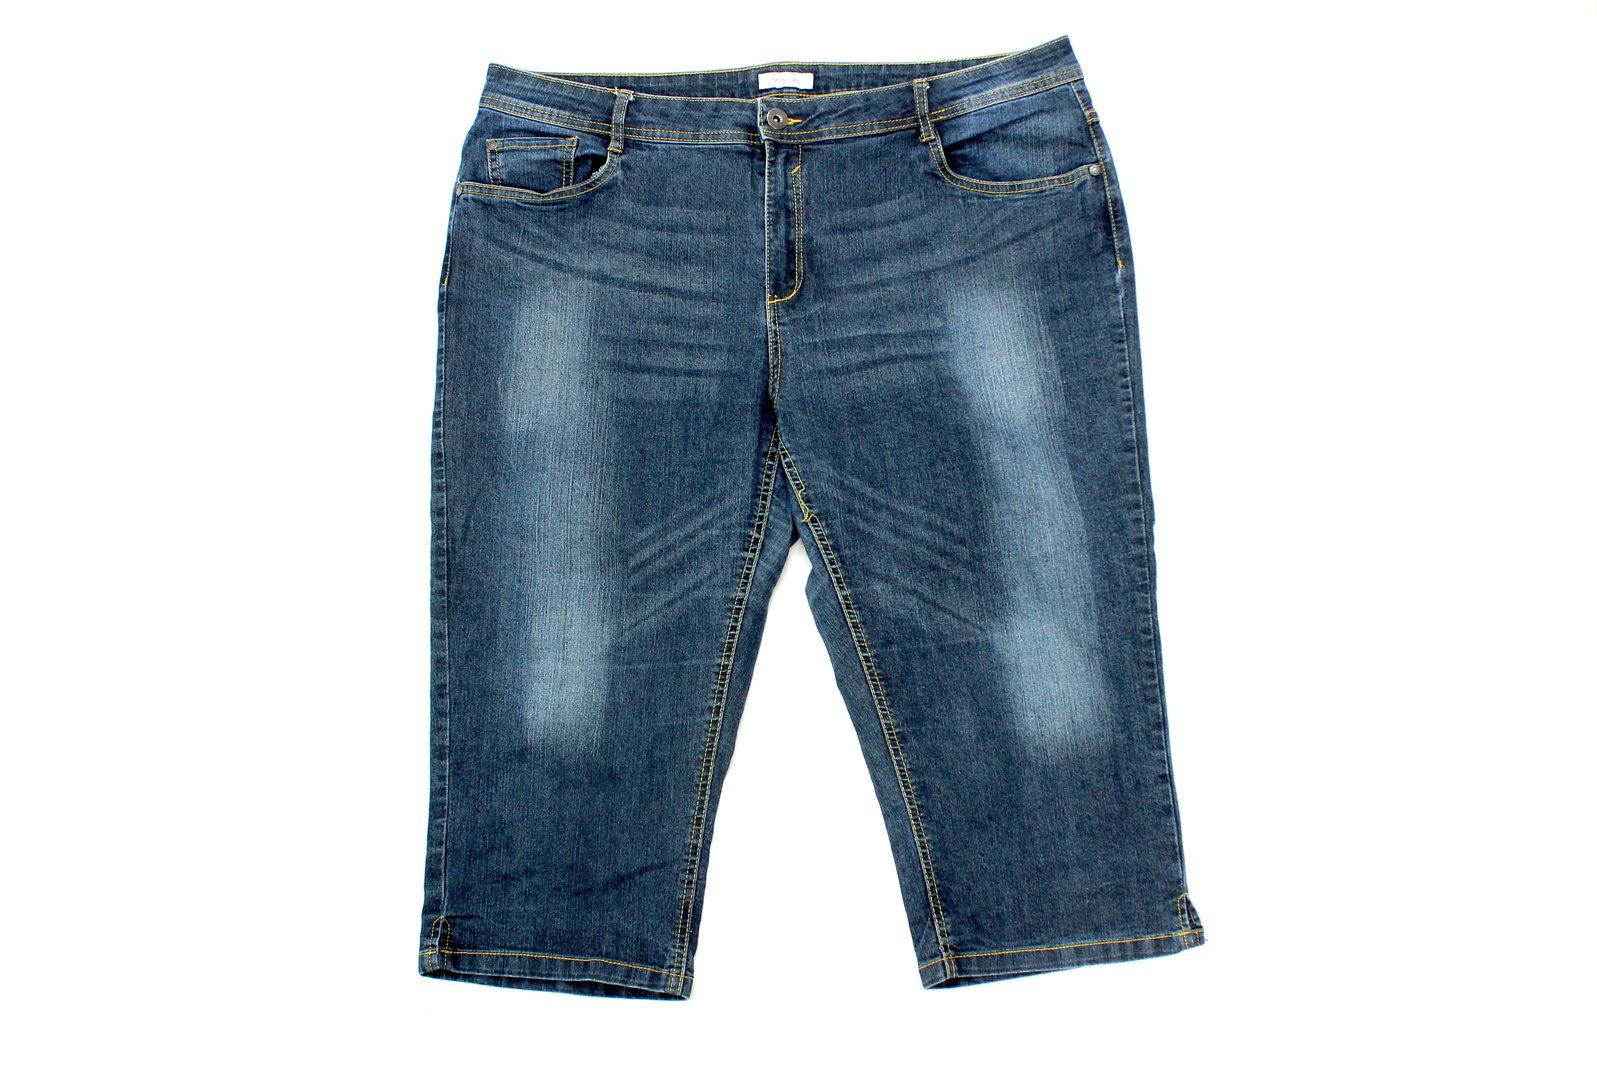 heiß-verkauf echt meistverkauft gut aus x C&A Jeans Bermuda Hose Damen Denim blue Slim 46